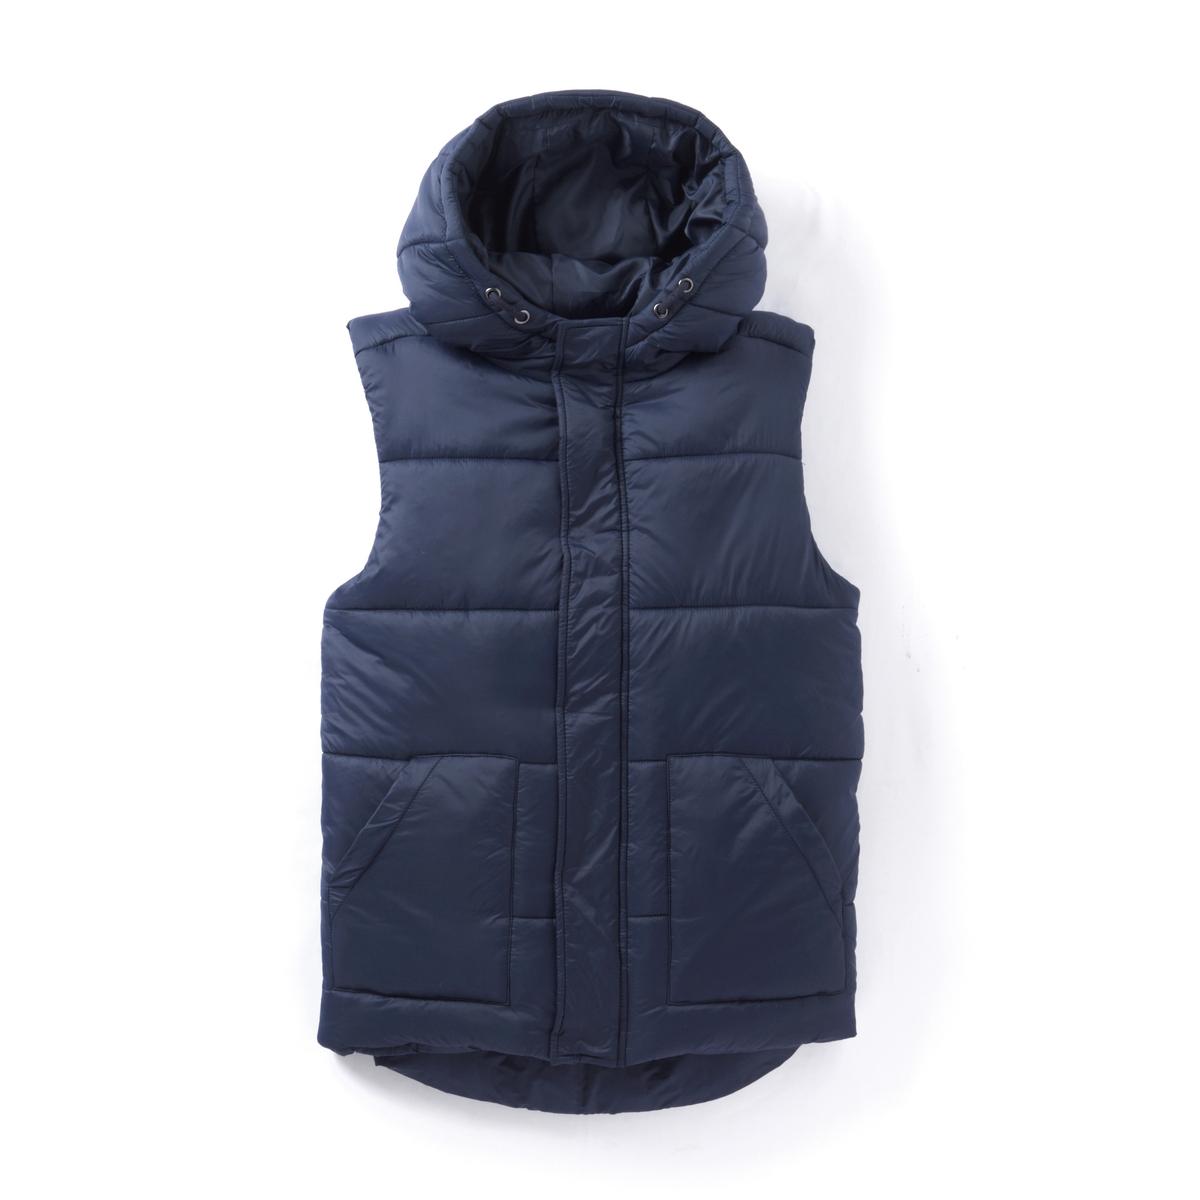 Куртка без рукавов с капюшоном, 10-16 лет